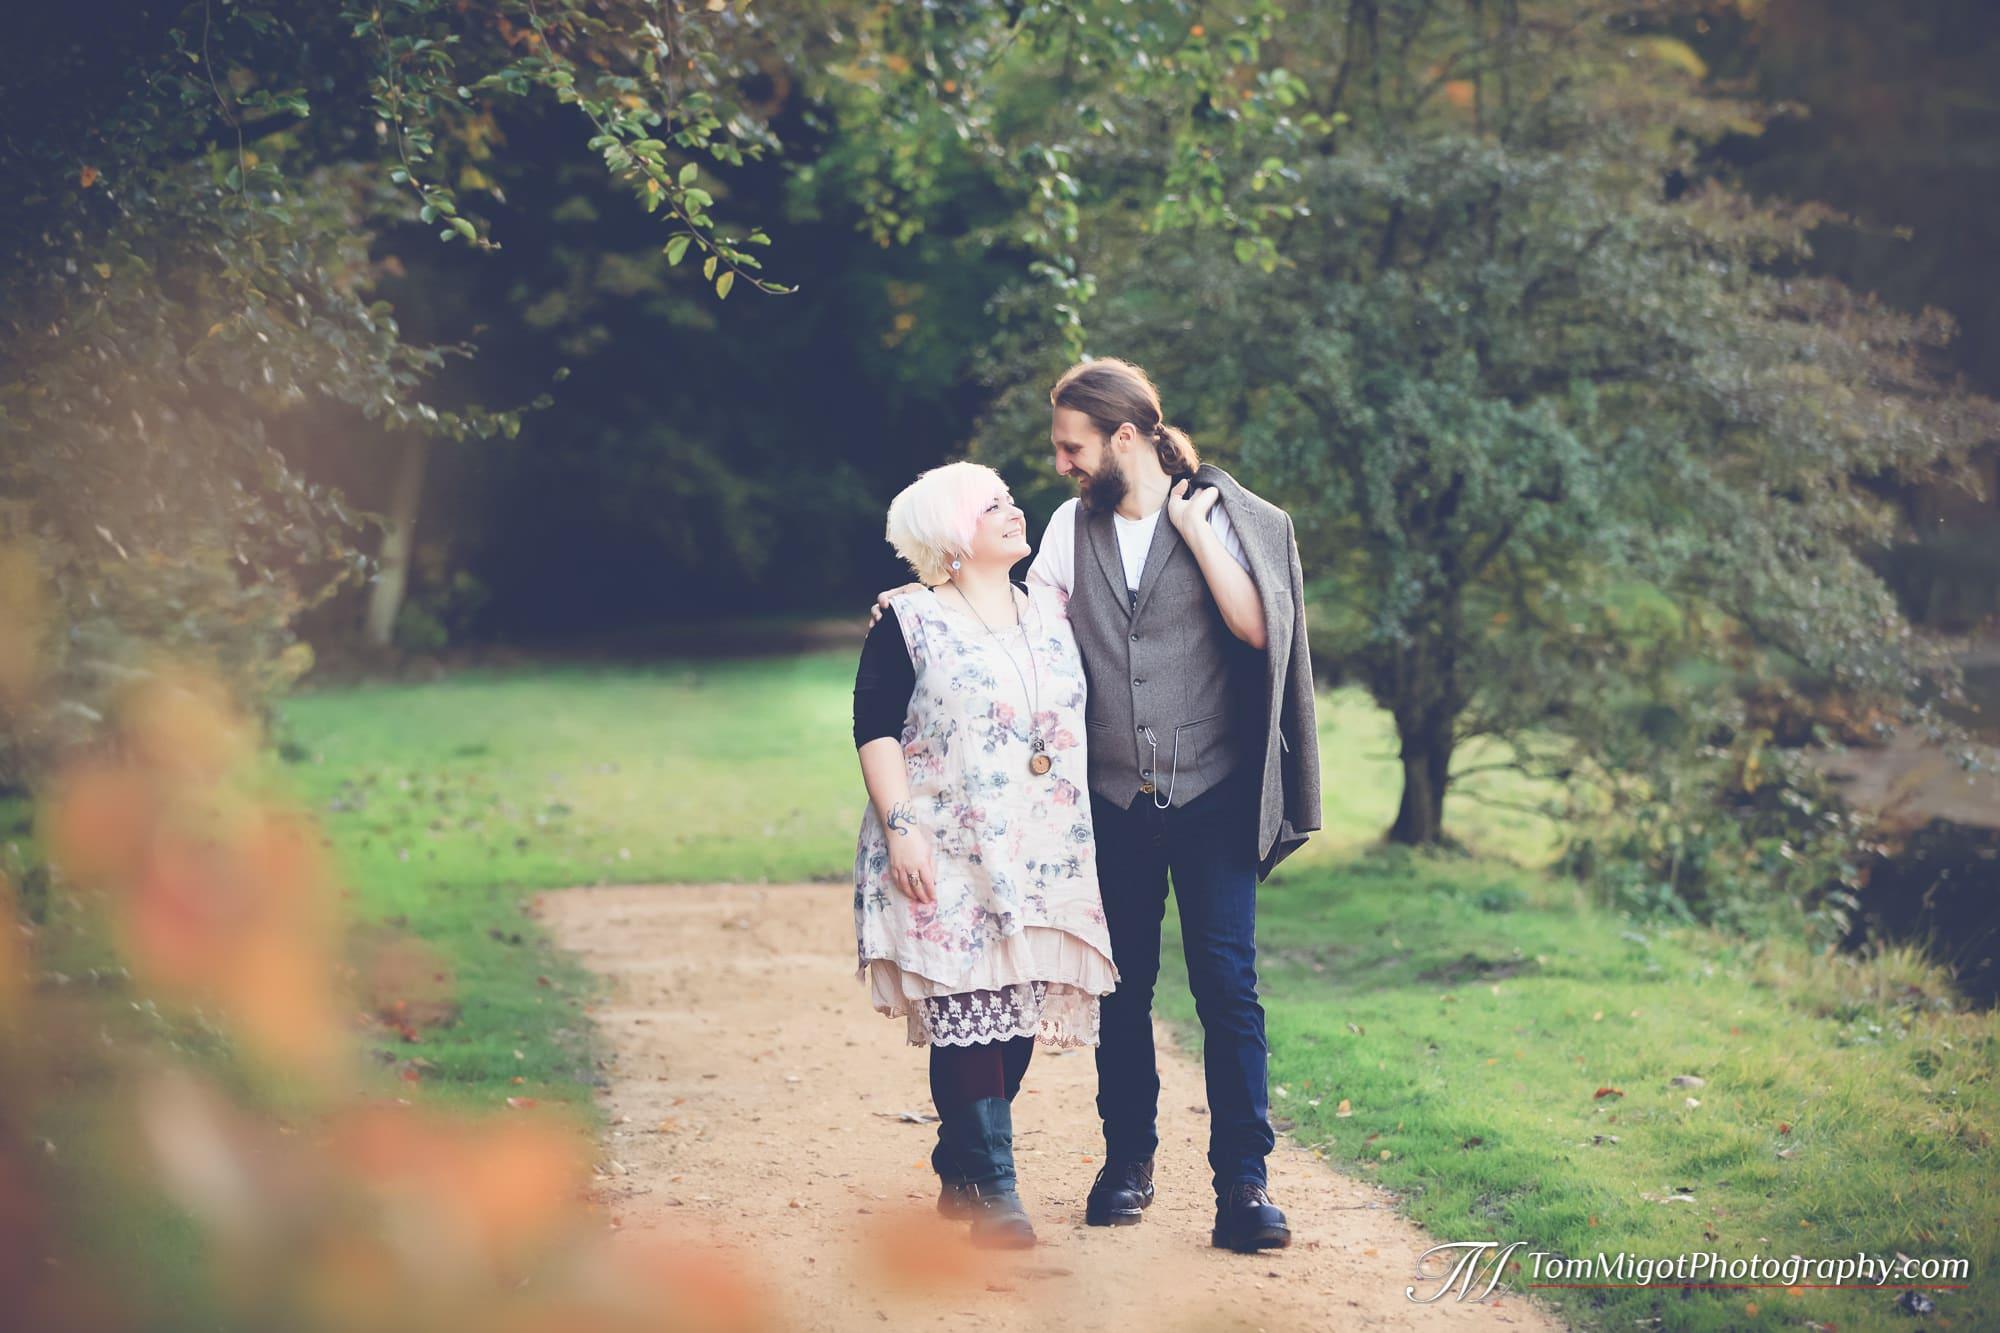 Marche romantique des futurs mariés pendant la séance photo d'avant mariage